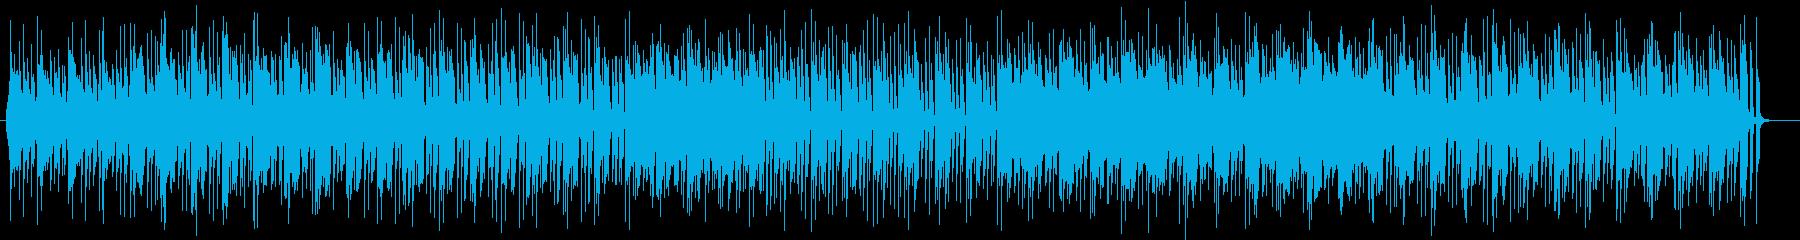 爽やかなリラクゼーションミュージックの再生済みの波形